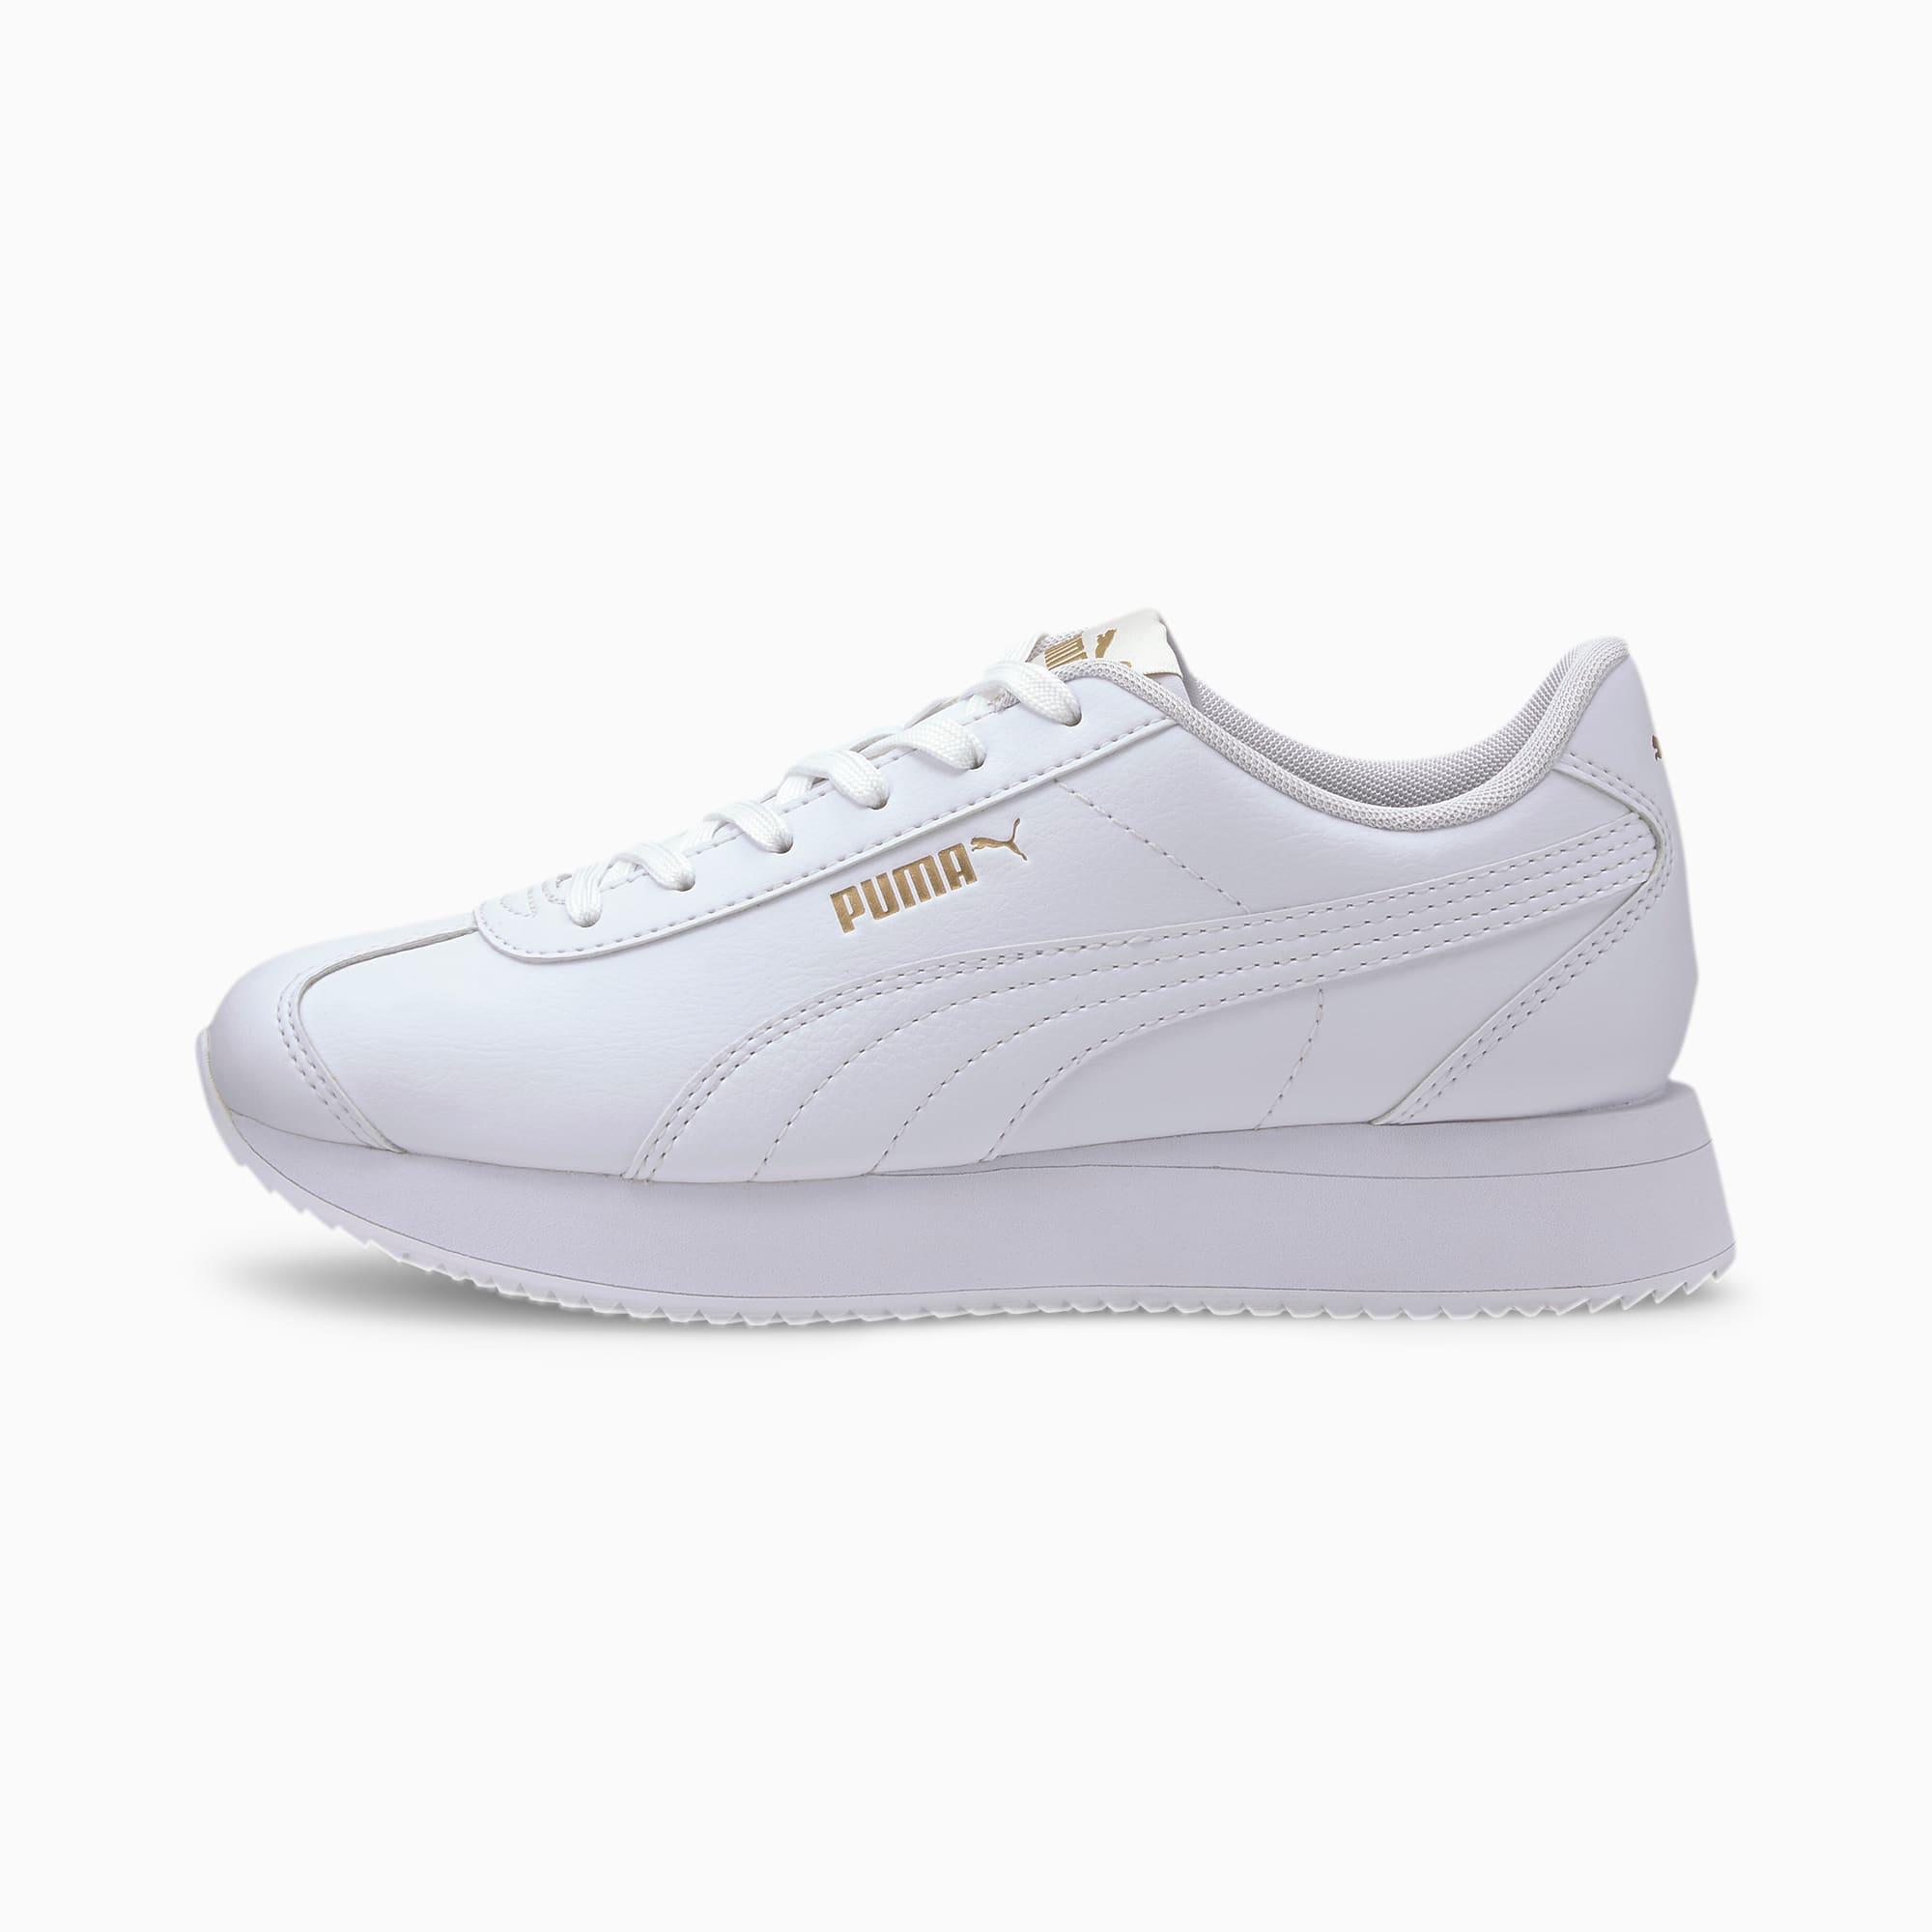 Turino Stacked Women's Sneakers